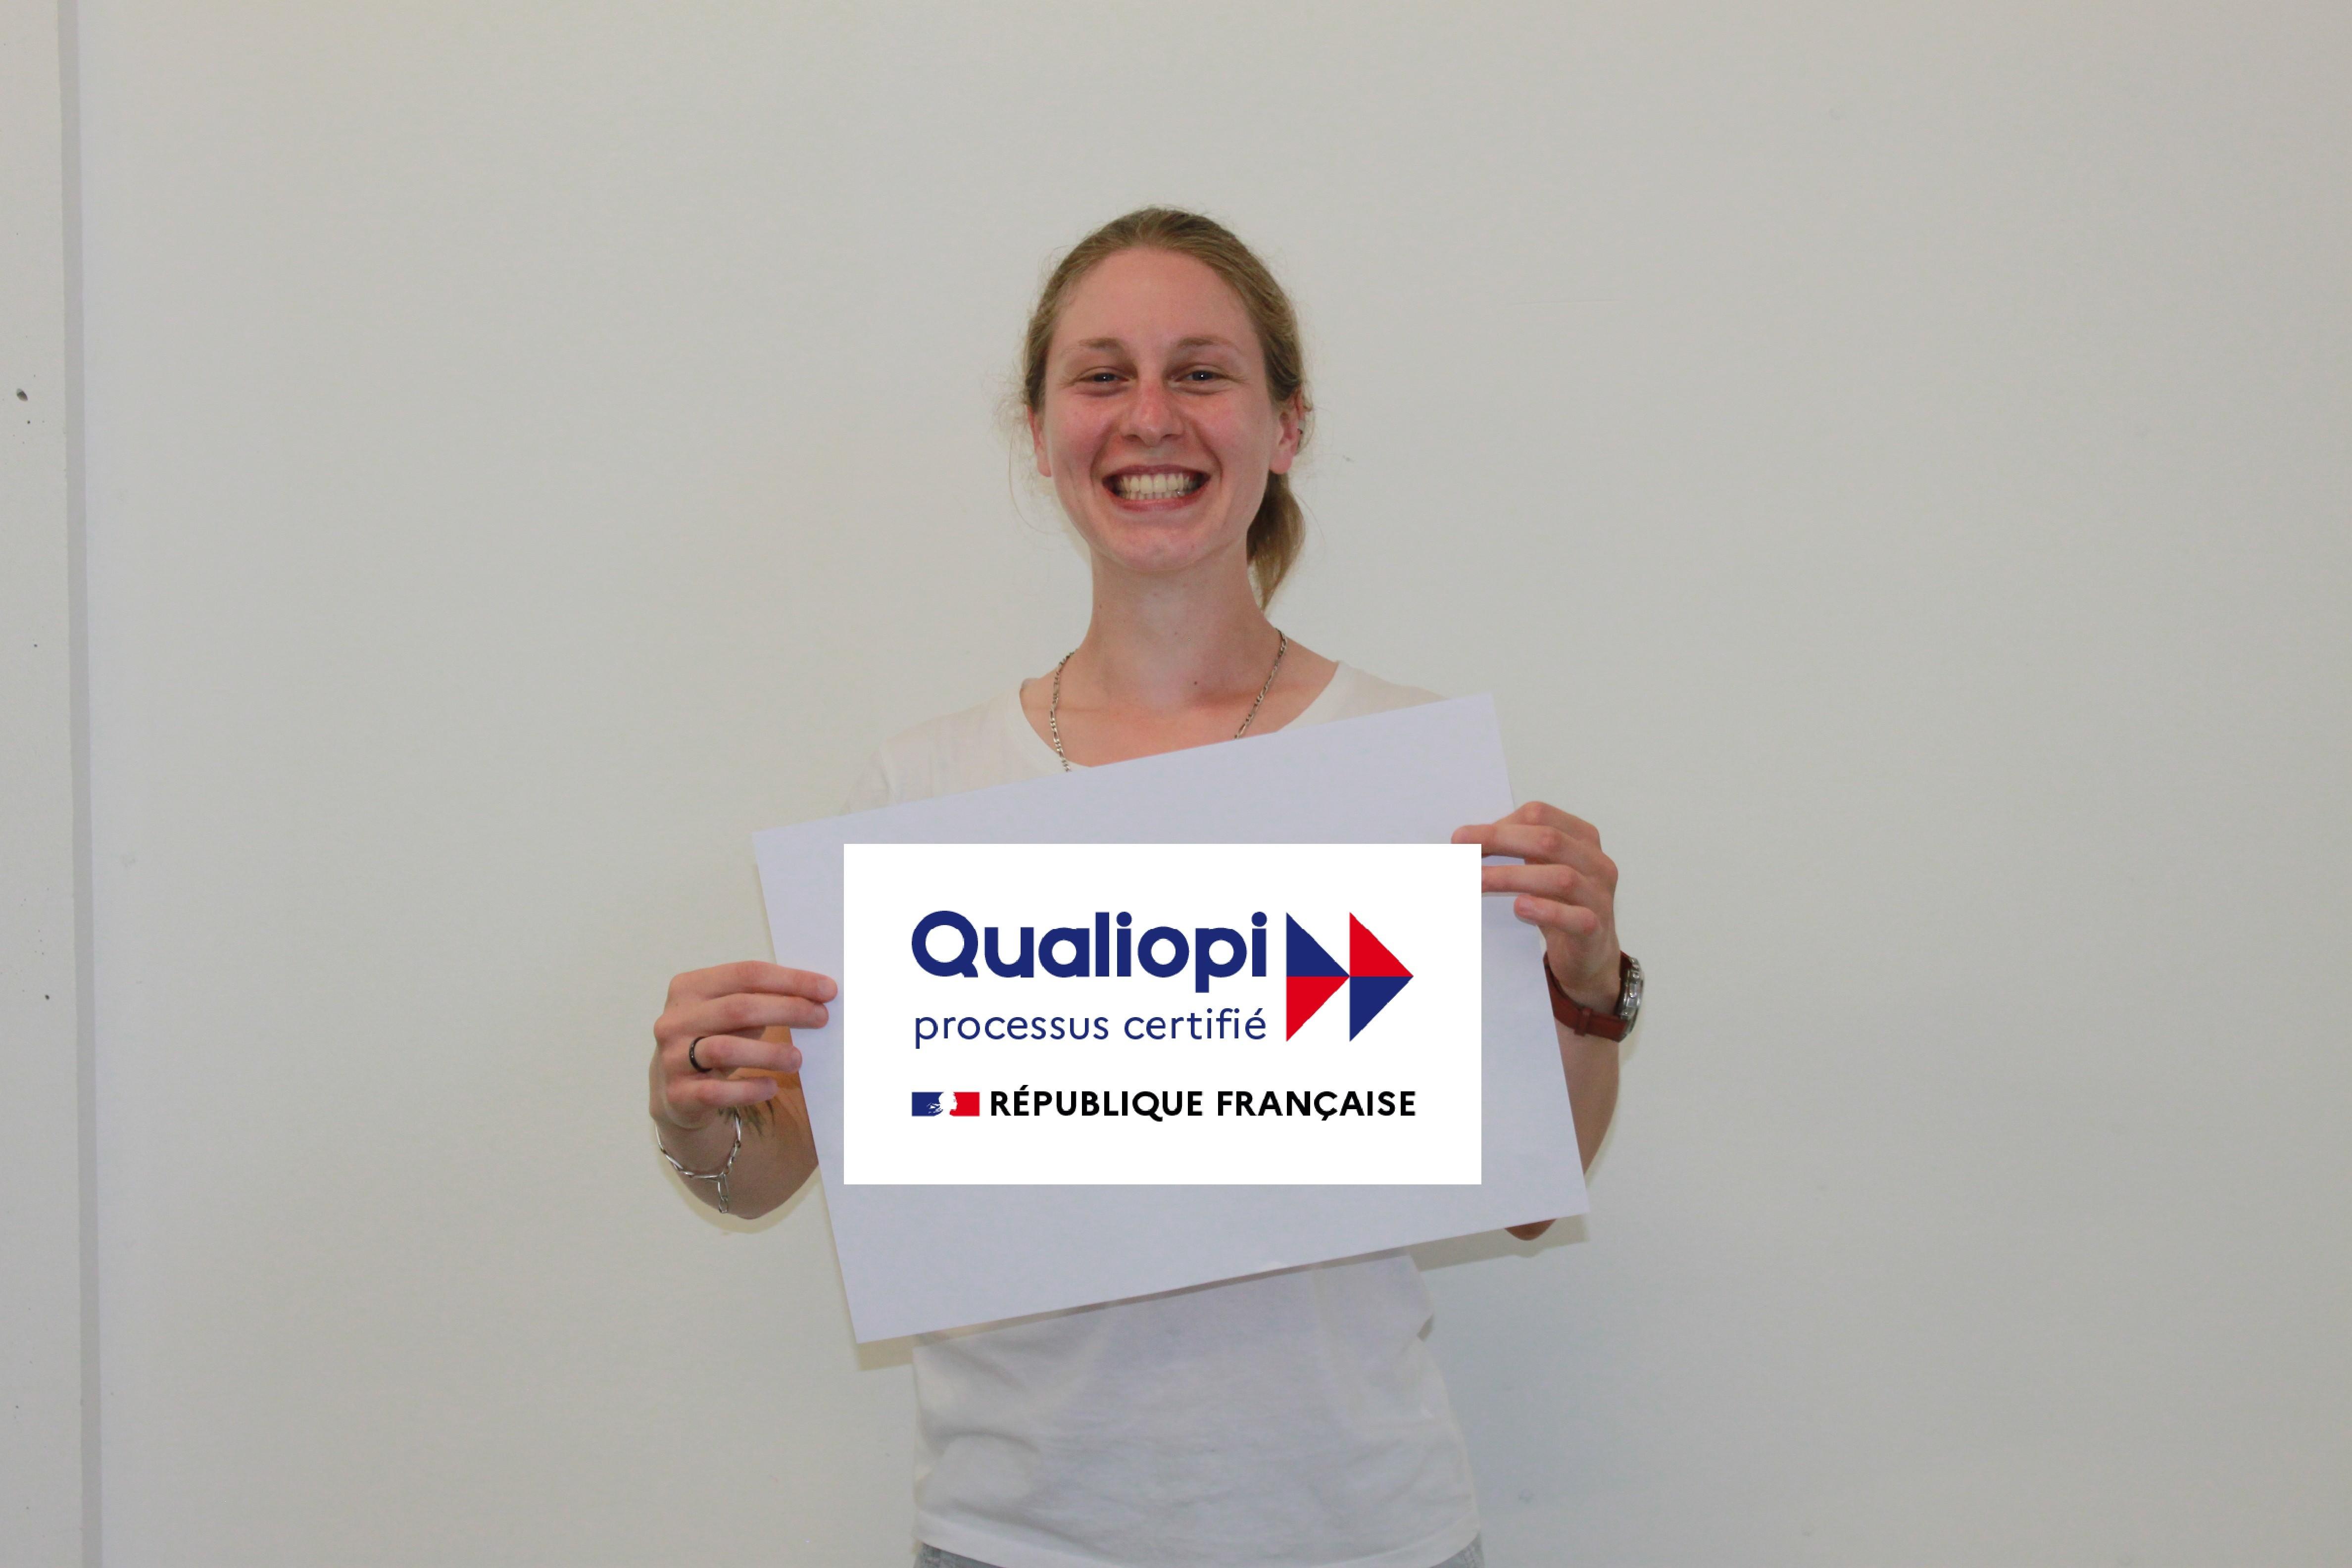 Nouveau Logo pour les organismes certifiés Qualiopi